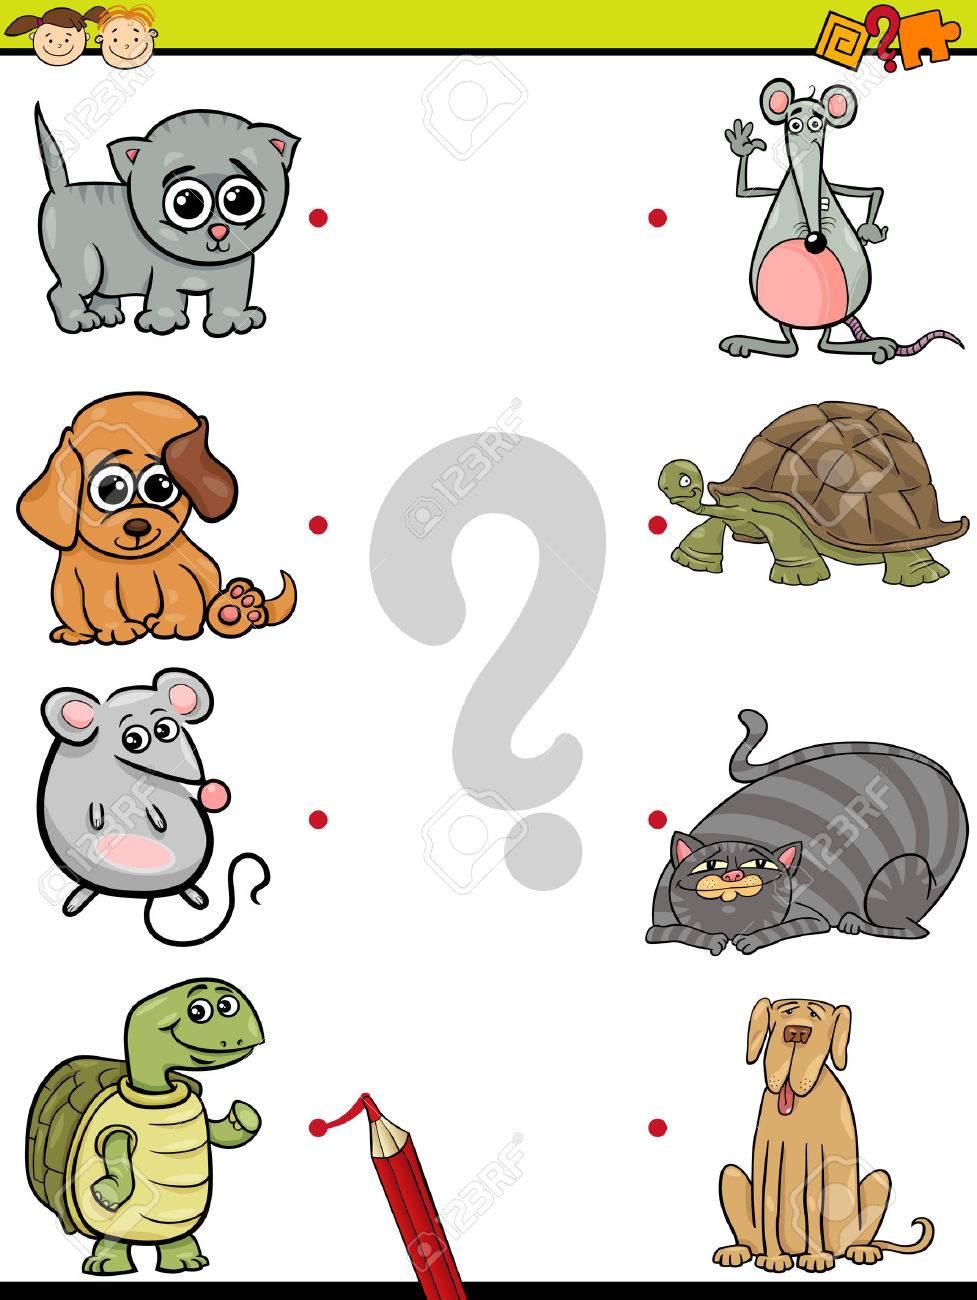 漫画イラストの教育要素マッチング ゲーム就学前児動物と好きな食べ物